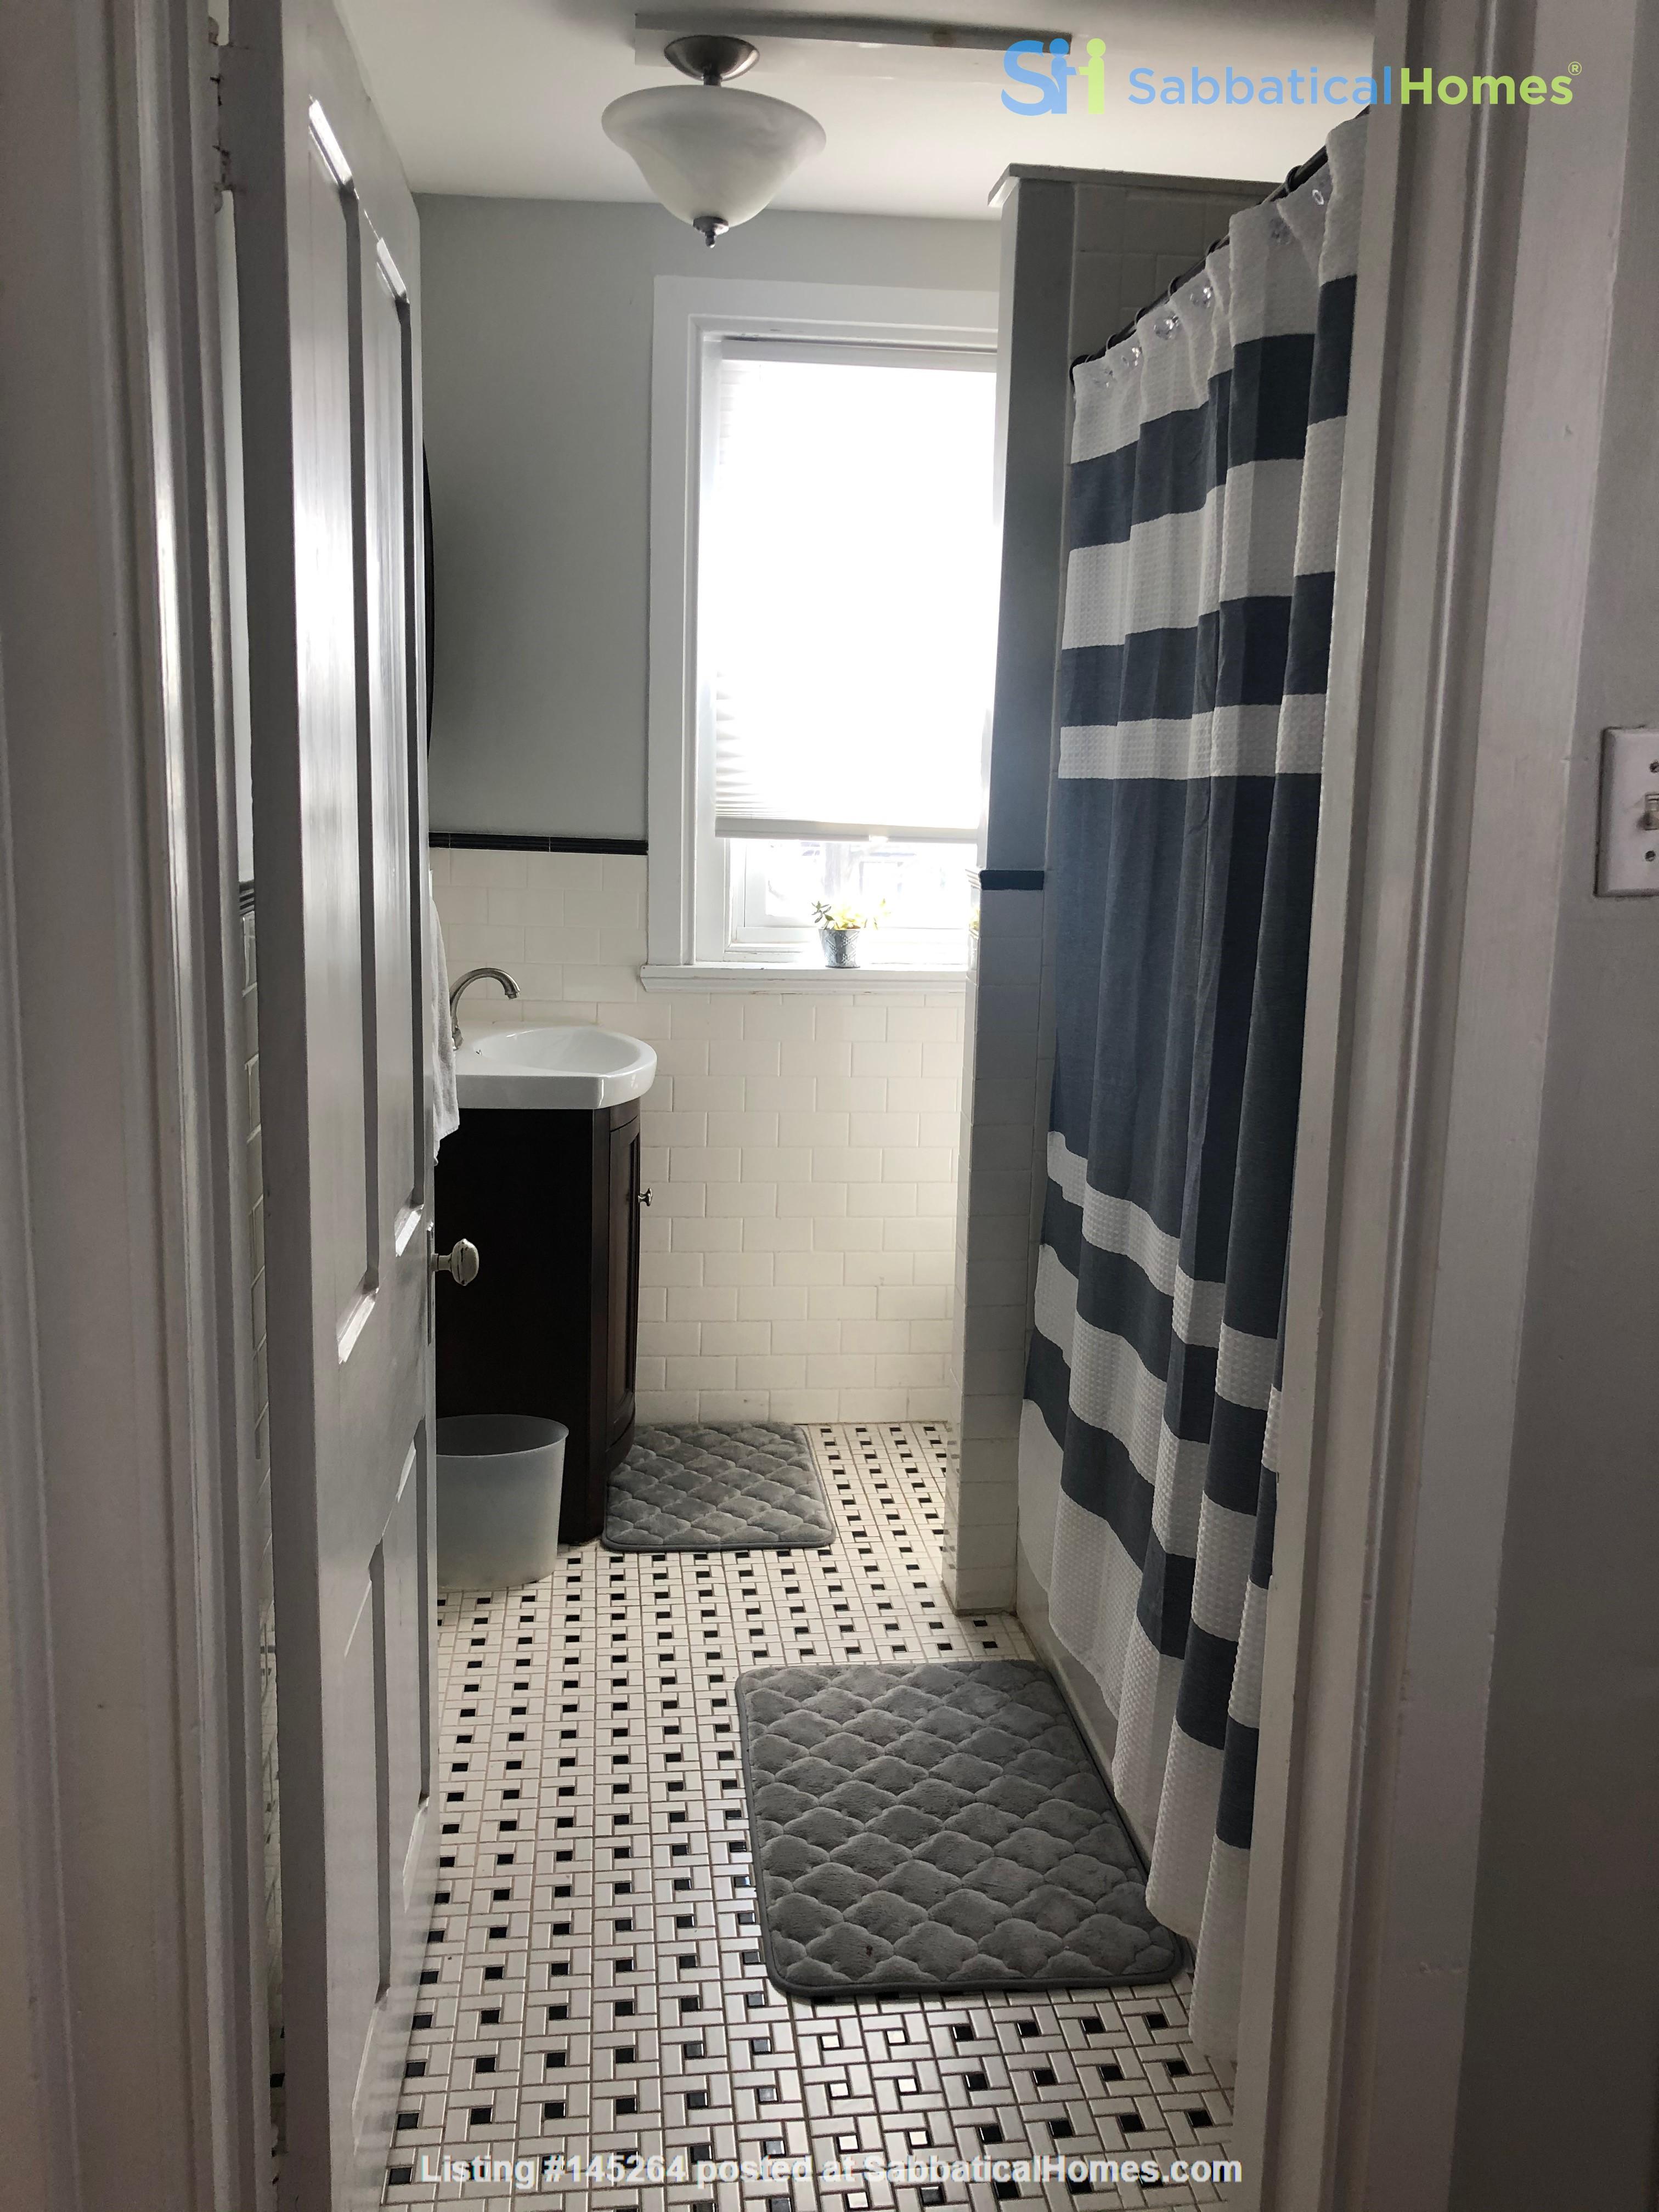 3 beds / 1 bath upper duplex in Bryn Mawr, PA Home Rental in Bryn Mawr, Pennsylvania, United States 2